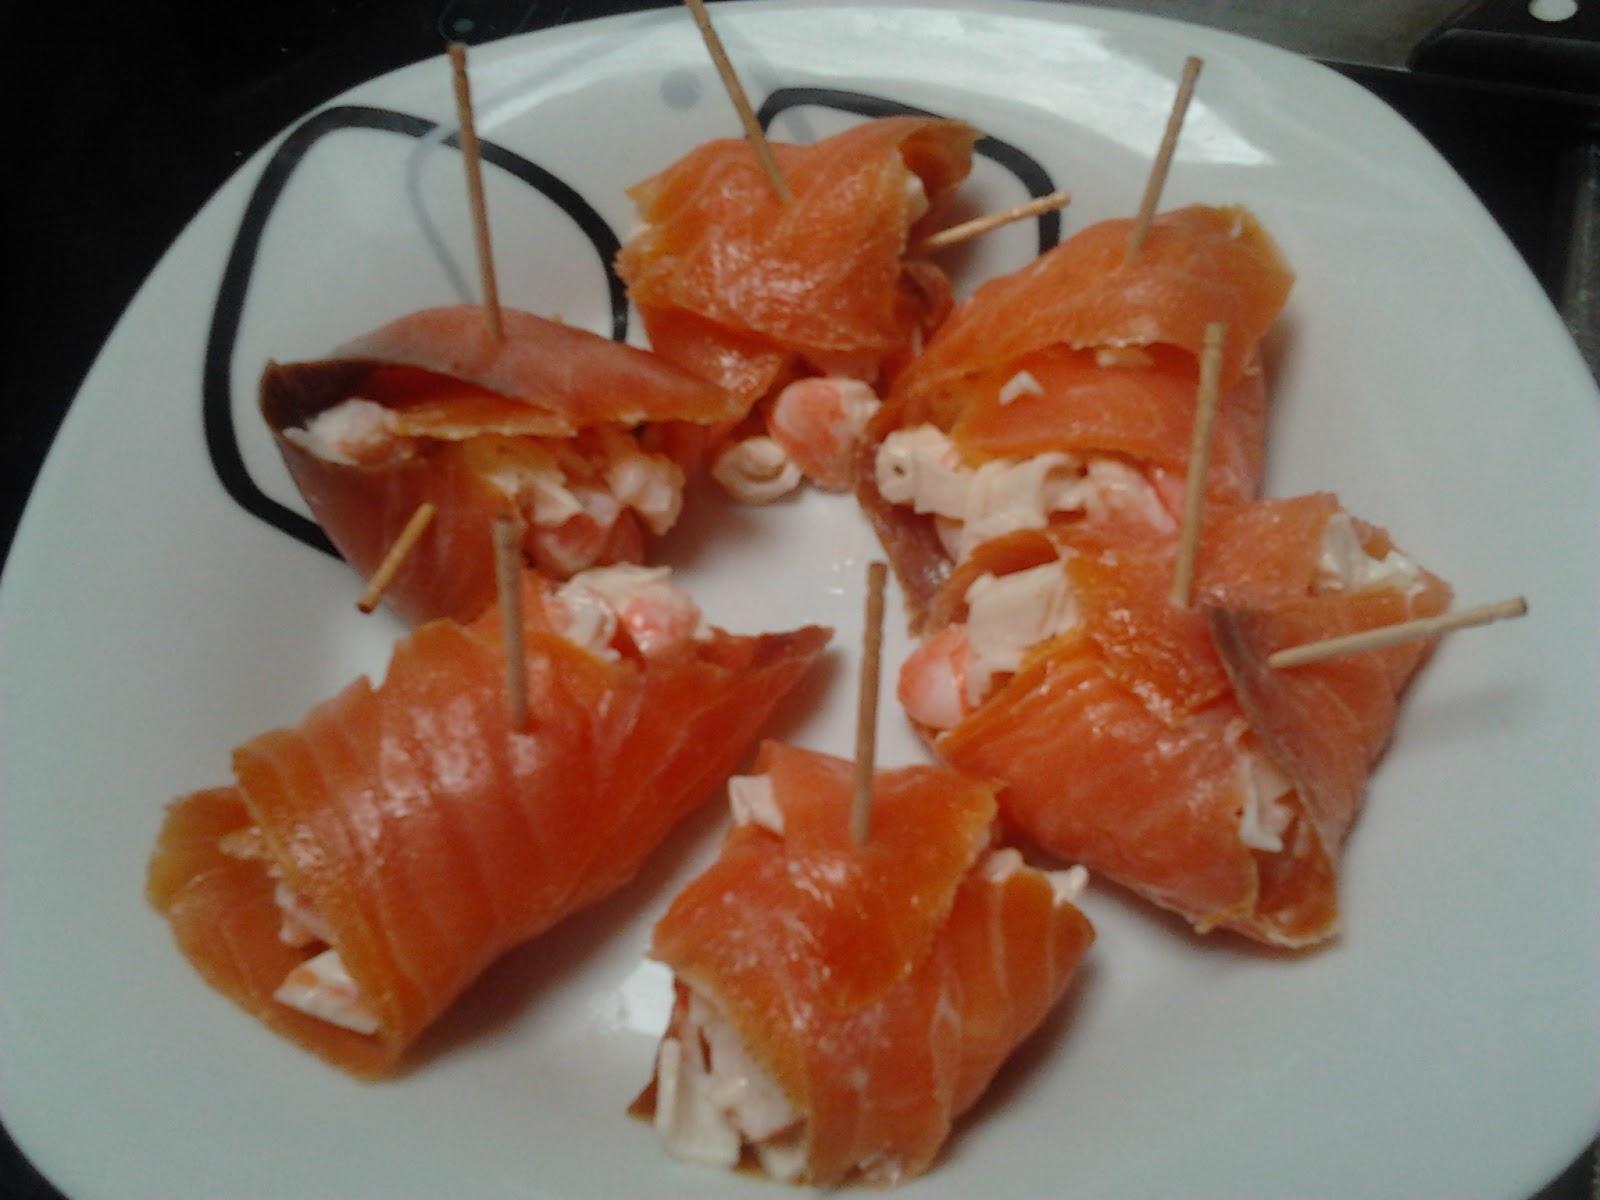 Comeastur canap salm n ahumado langostinos y surimi for Canape de salmon ahumado